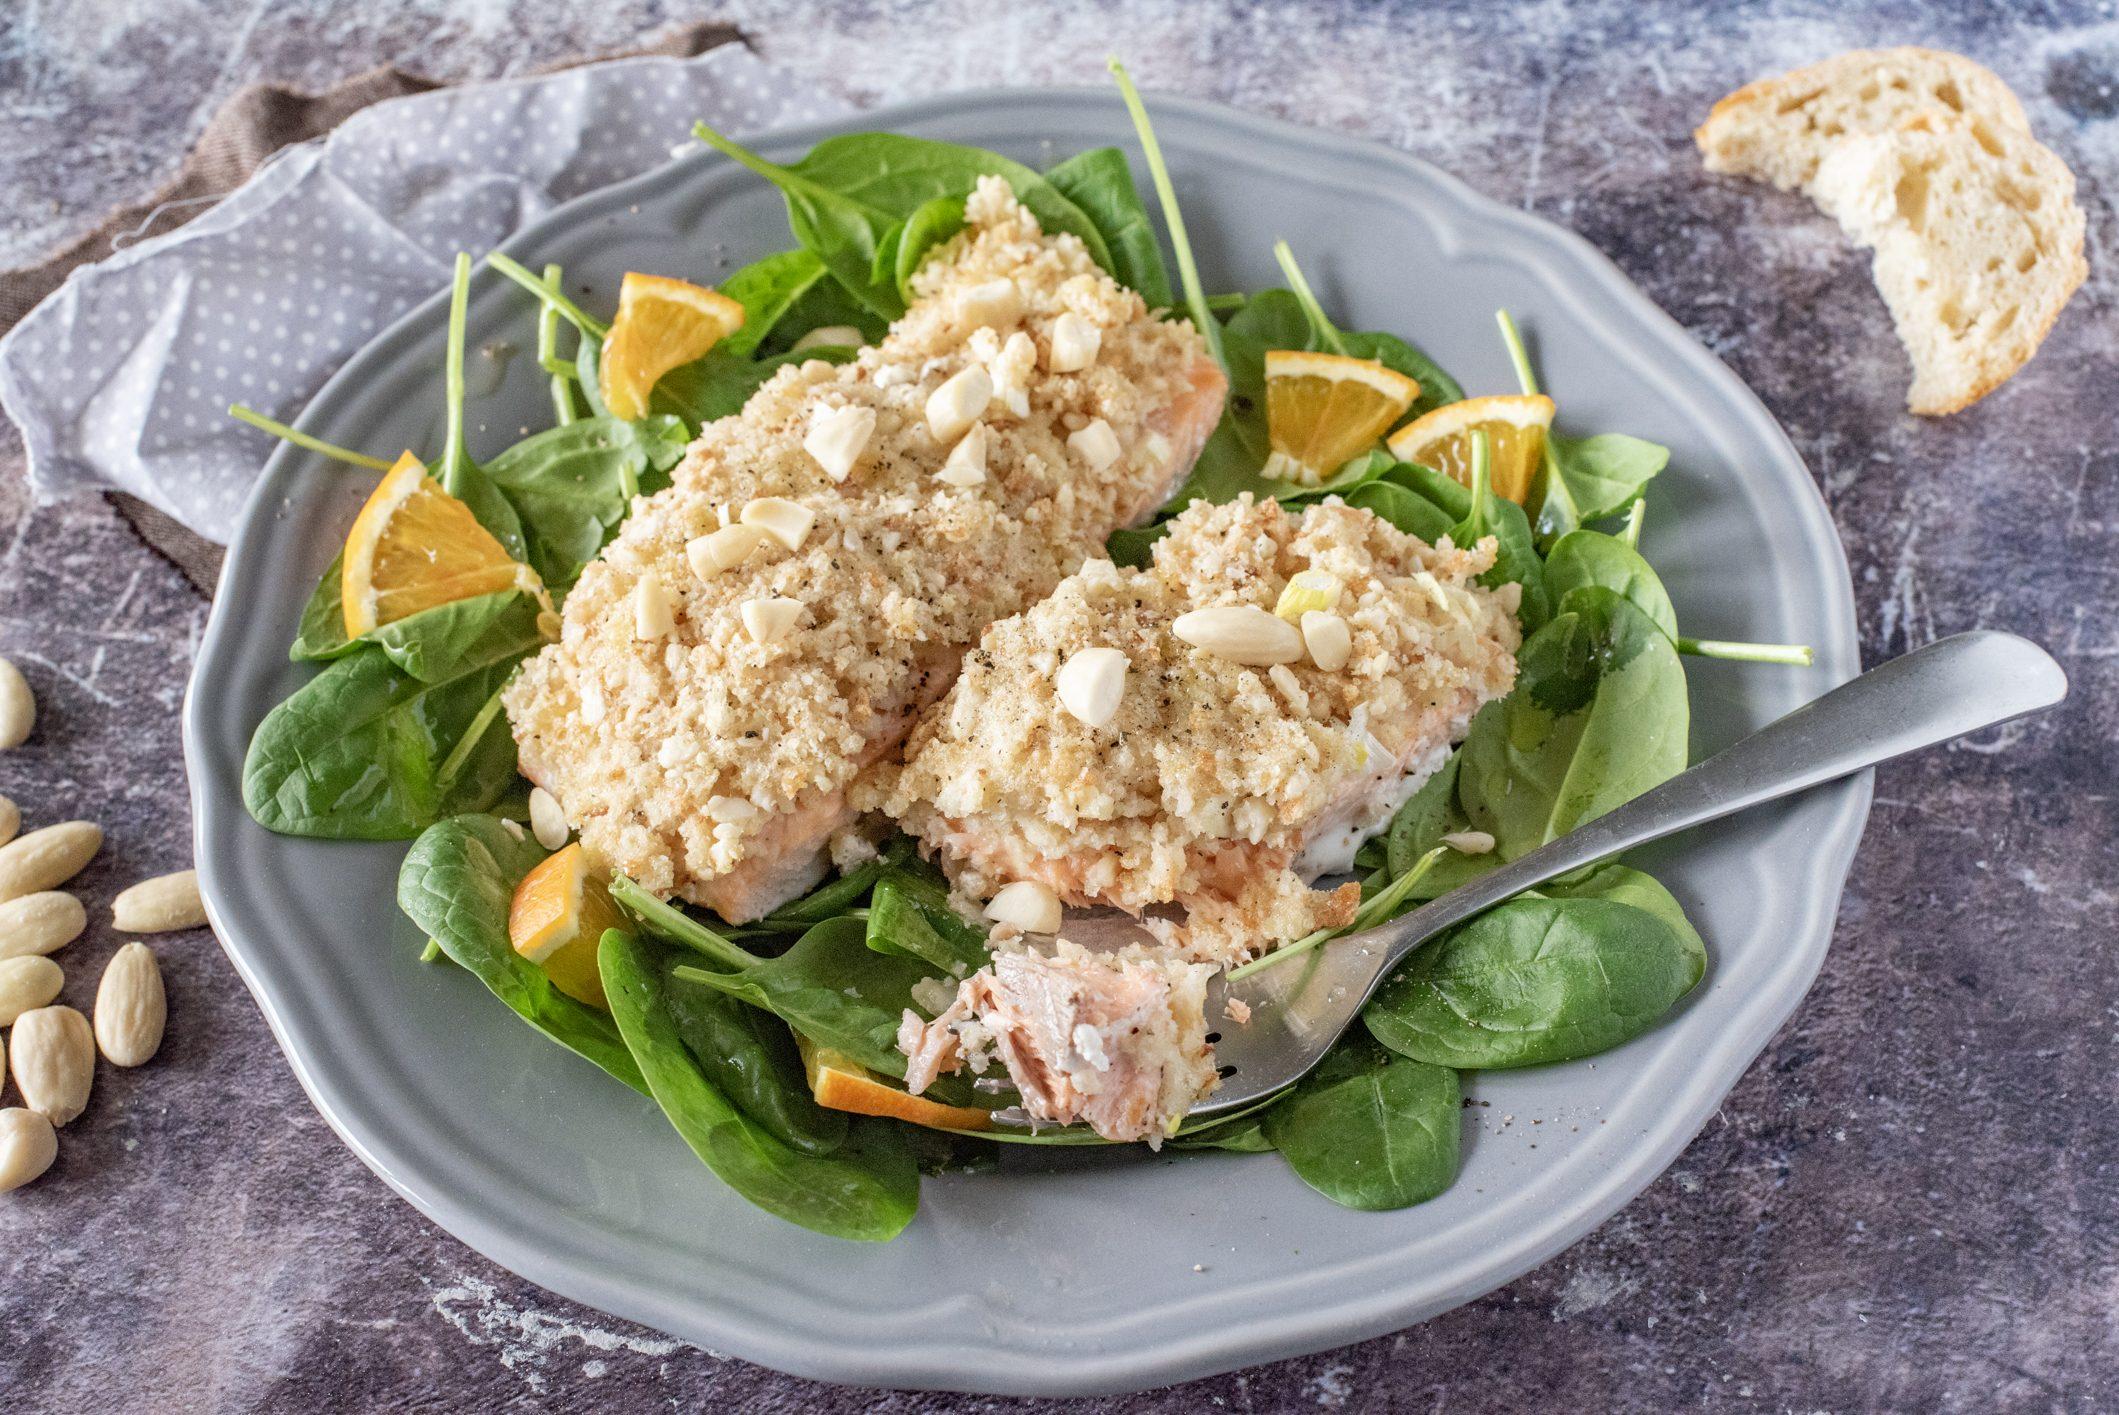 Filetto di salmone gratinato con le mandorle: la ricetta del piatto sfizioso e leggero